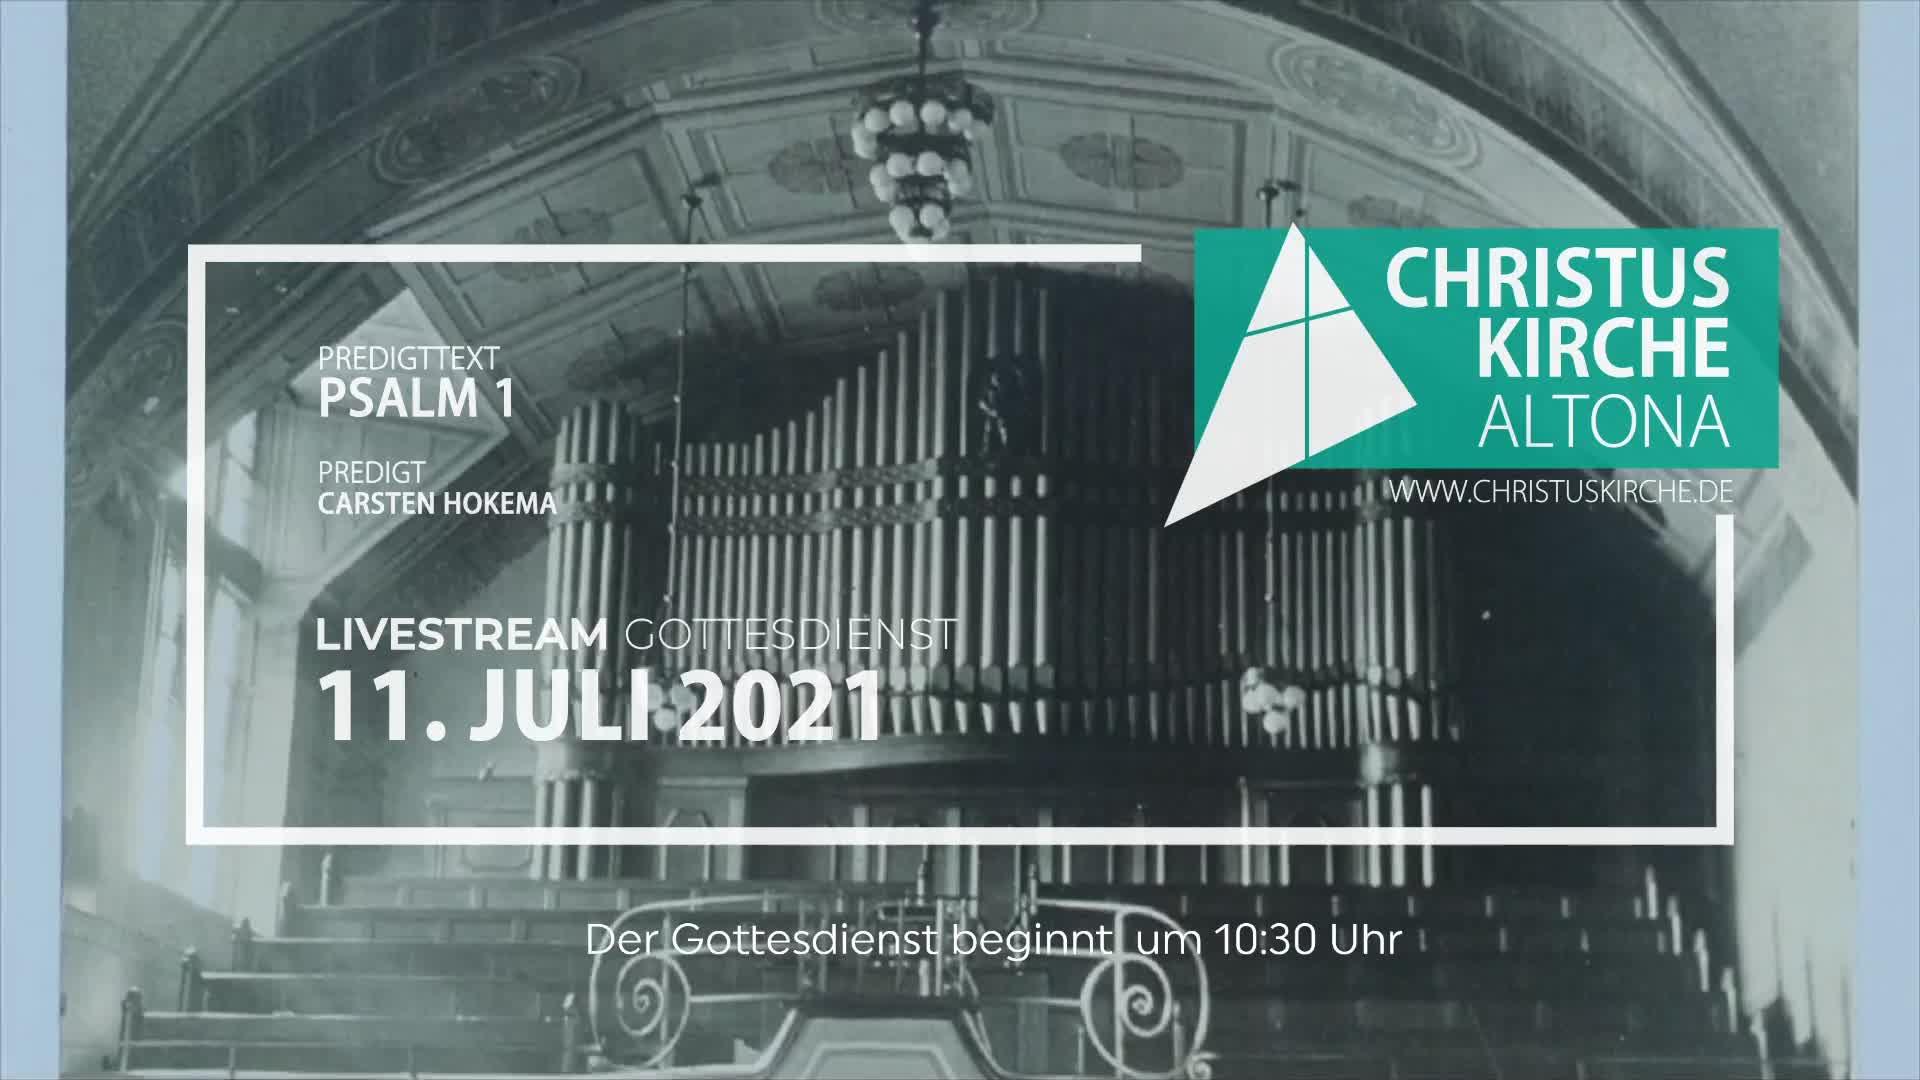 Gottesdienst - am 11. Juli - Livestream aus der Christuskirche Altona